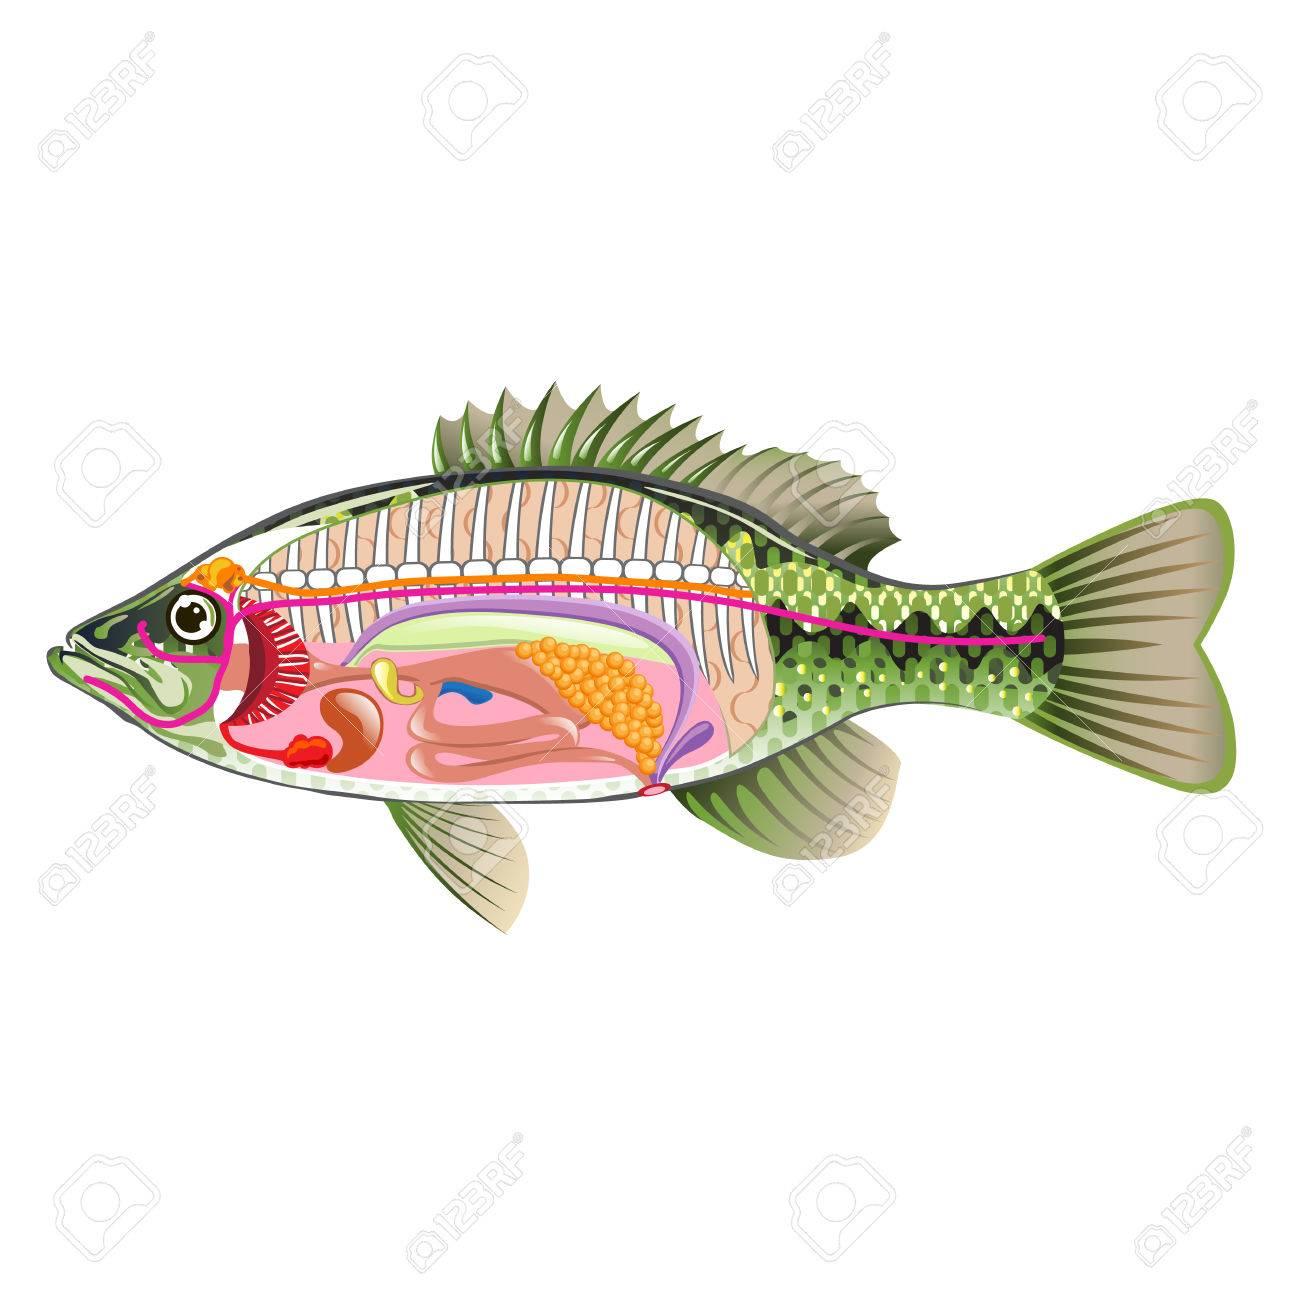 Fish órganos Internos Arte Vectorial De Diagrama De Anatomía Y Sin ...